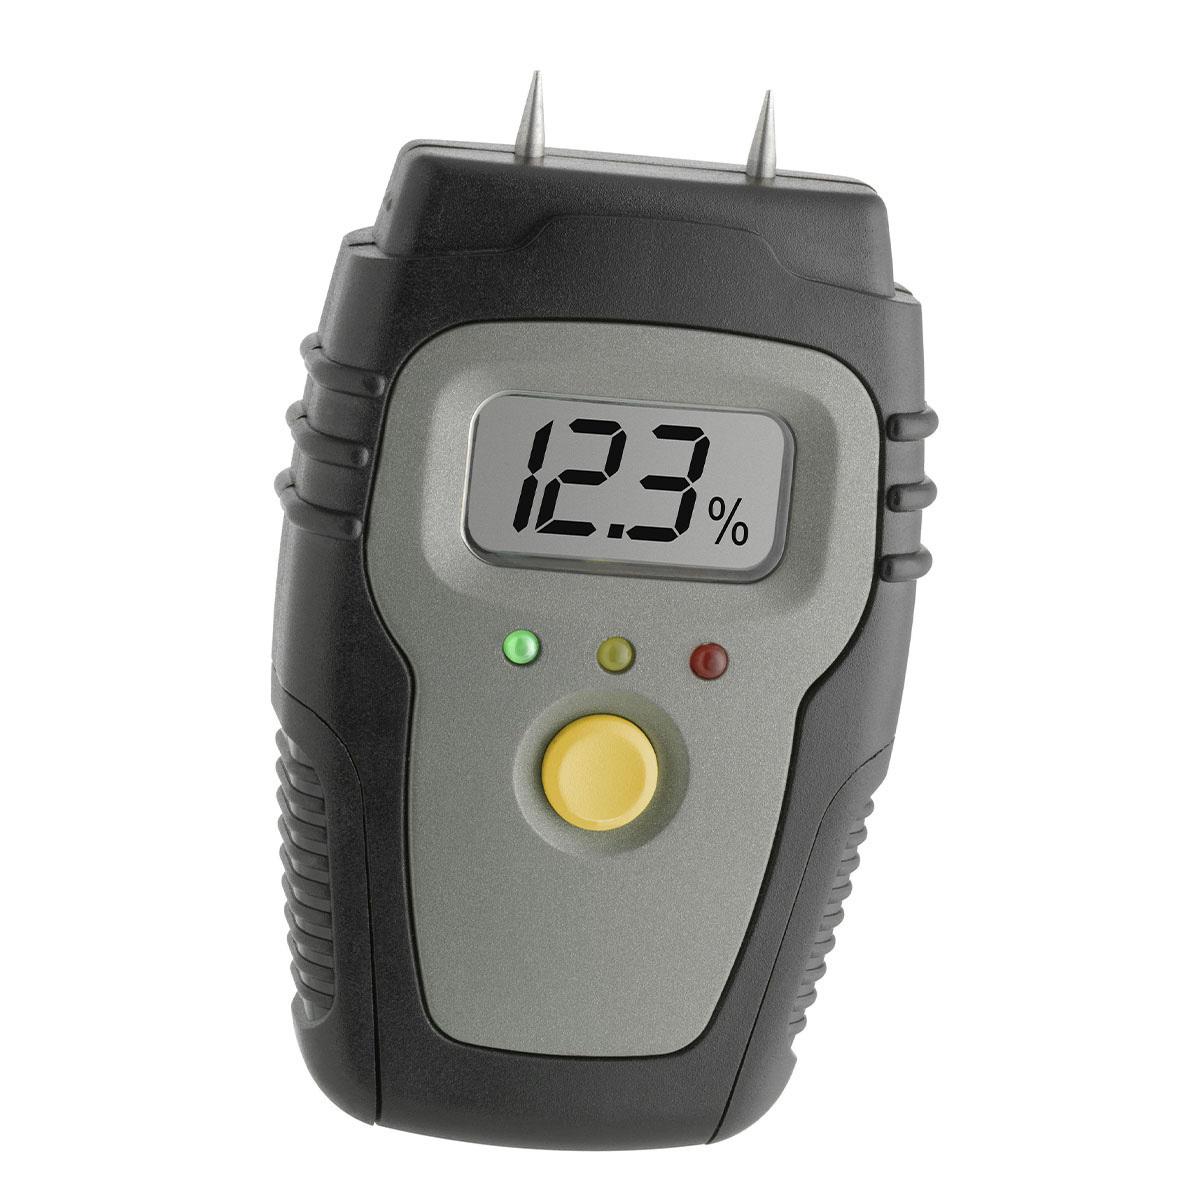 30-5505-materialfeuchtemessgerät-ansicht-1200x1200px.jpg